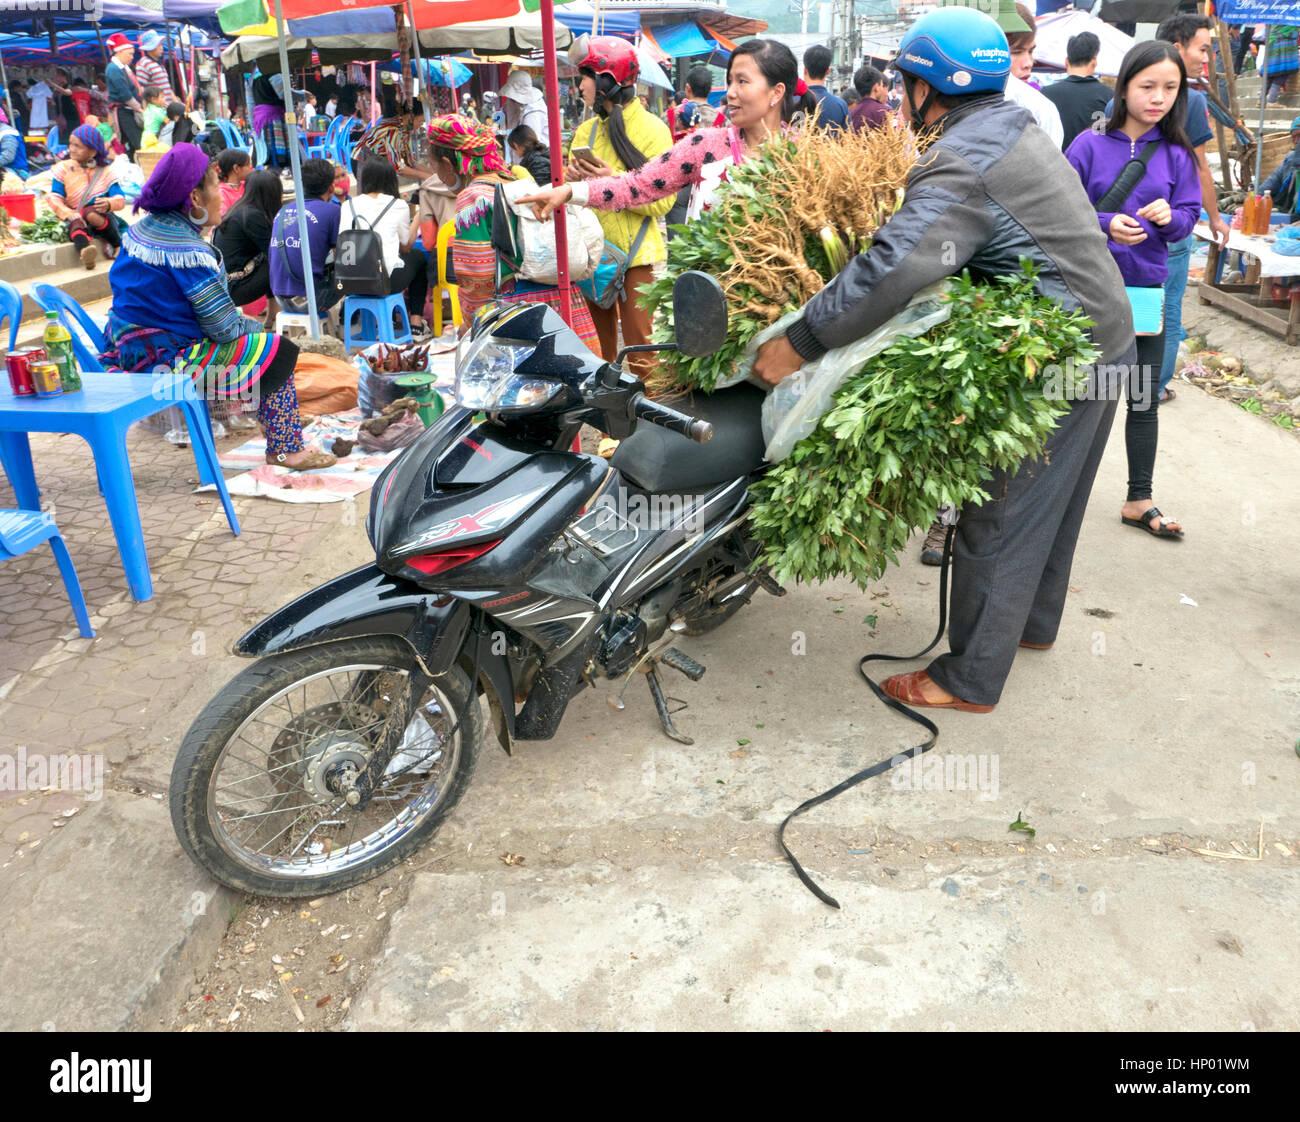 Descarga motociclista cosechado apio en Bac Ha Farmers Market, motocicleta, modo de transporte, el Bac Ha. Imagen De Stock